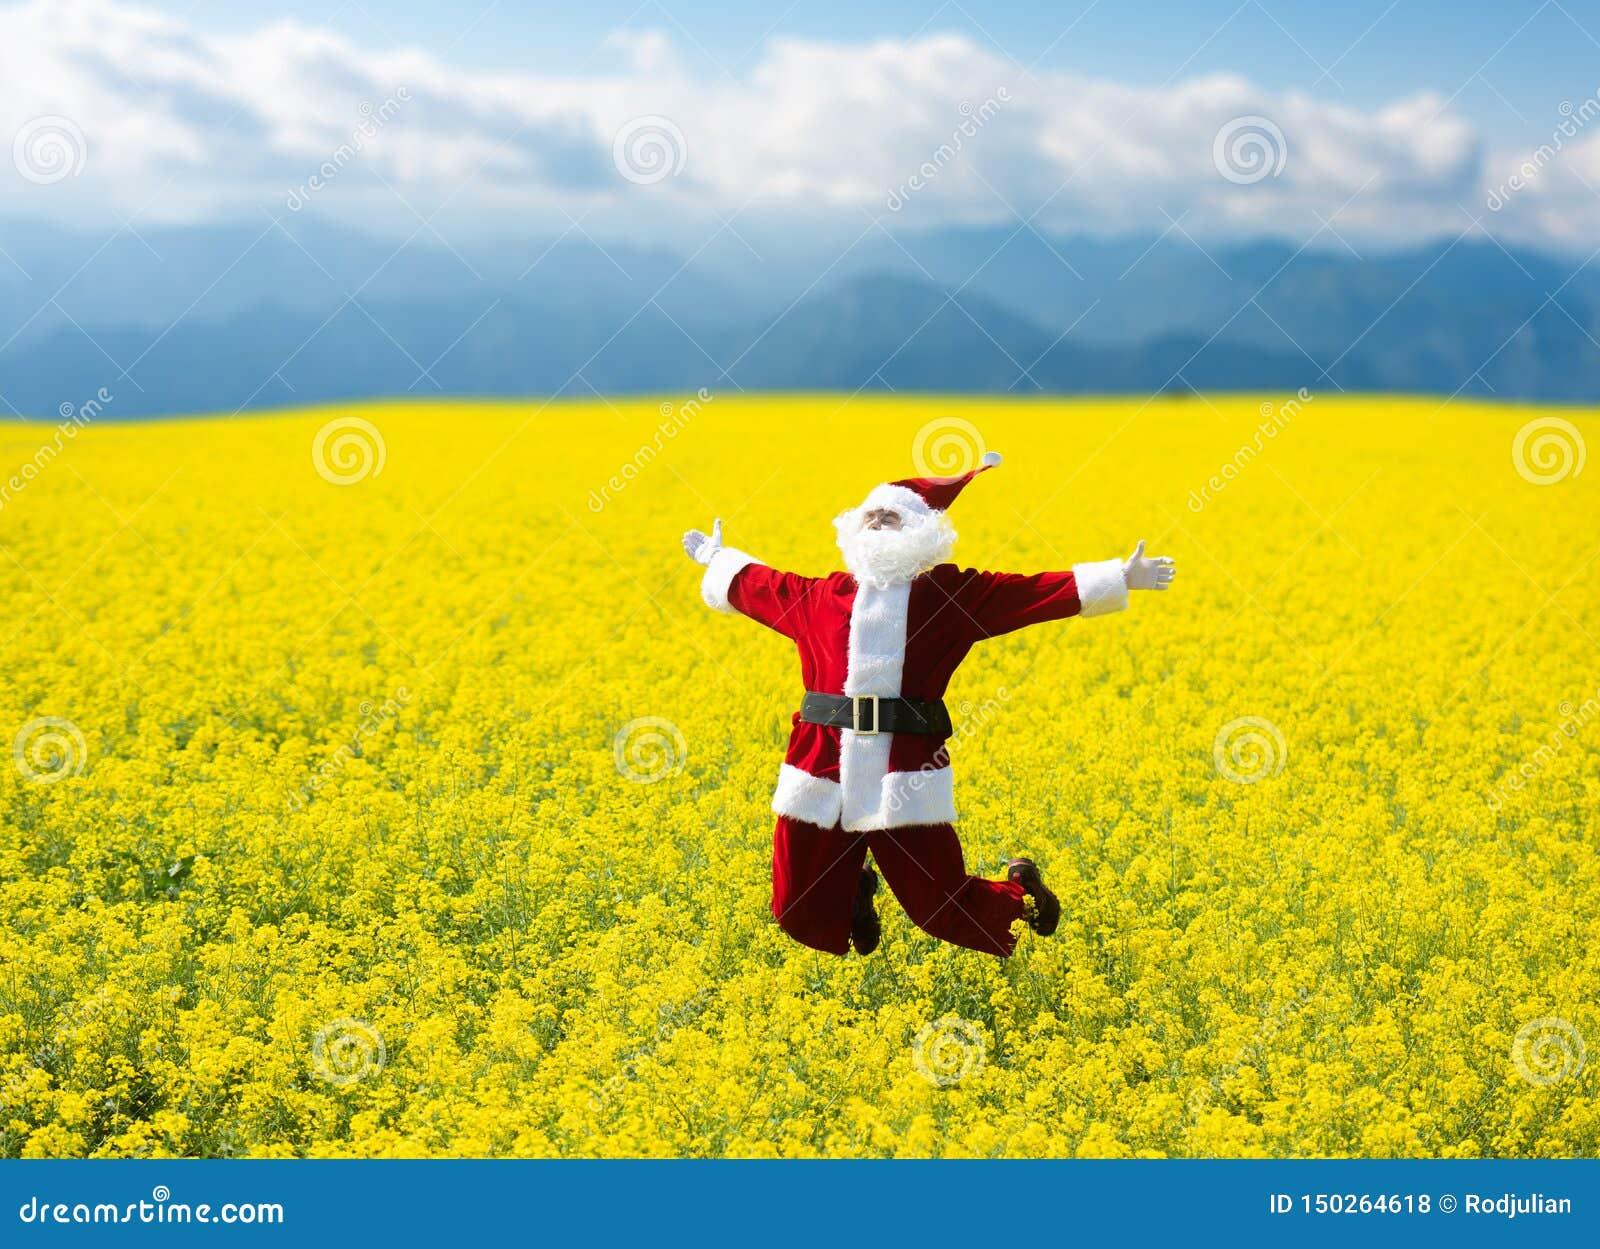 Noël Santa Claus sautant dans le domaine jaune de floraison